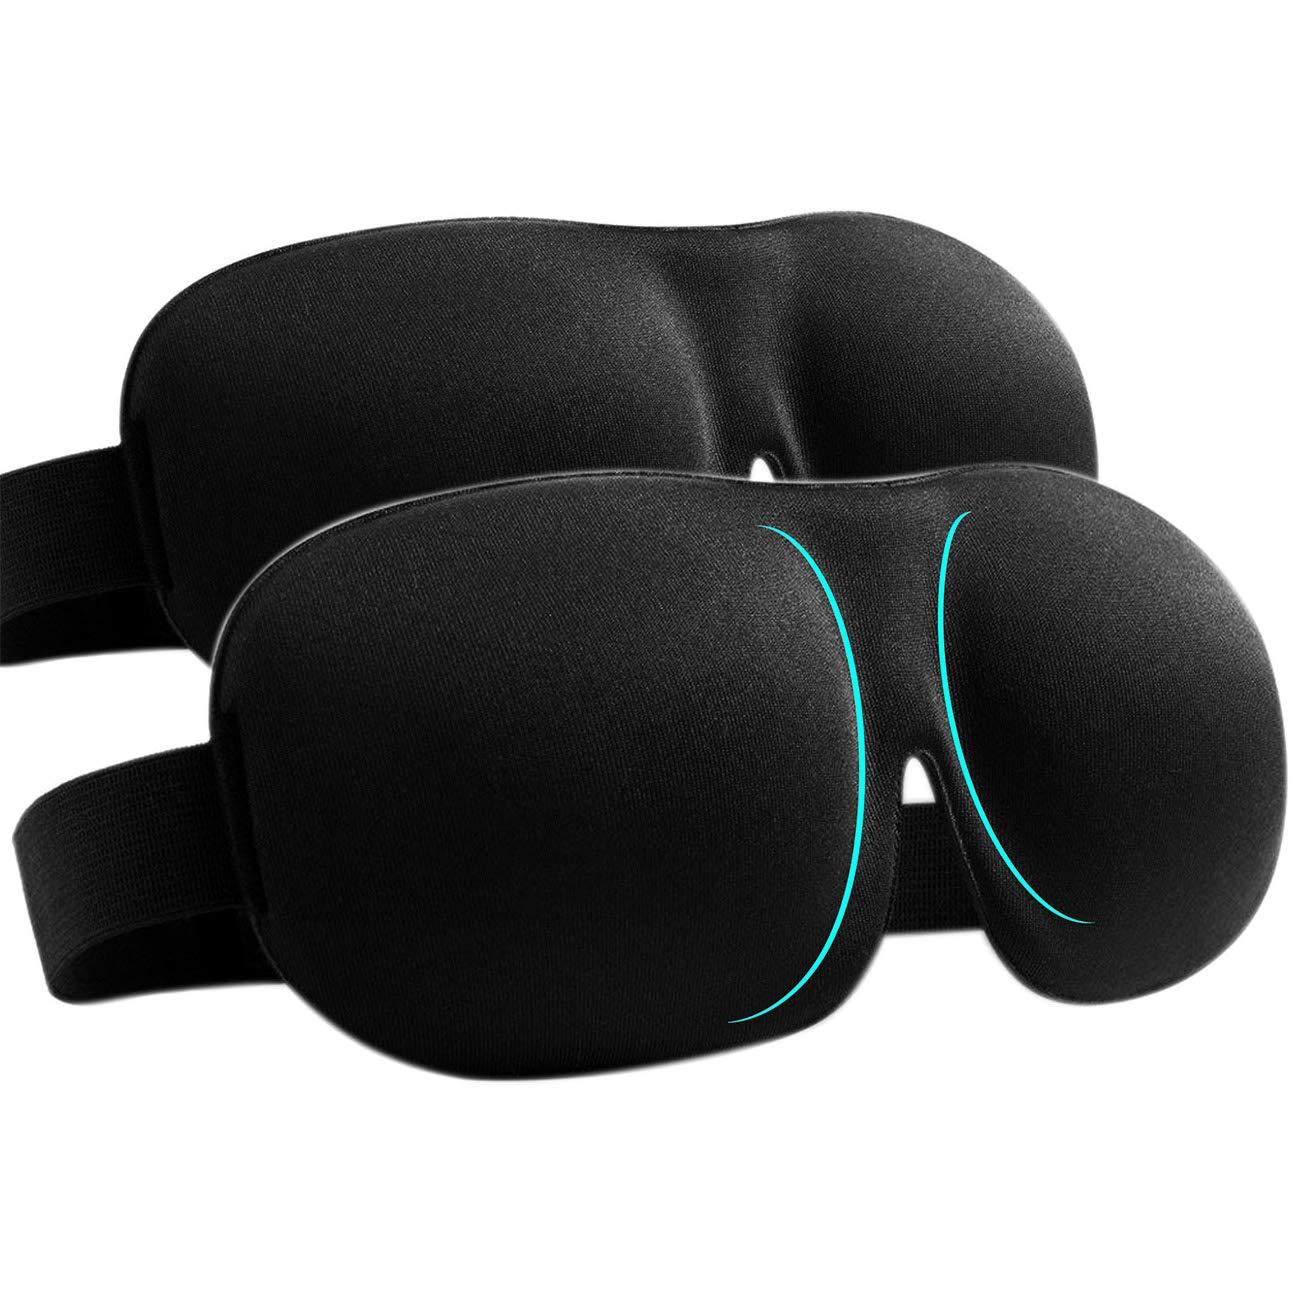 Sleep Mask Pack of 2 Eye Mask for Sleeping with Adjustable Strap 3D Contoured Sleeping Mask, Lightweight & Soft Blackout Blindfold for Travel, Shift Work & Meditation, Black